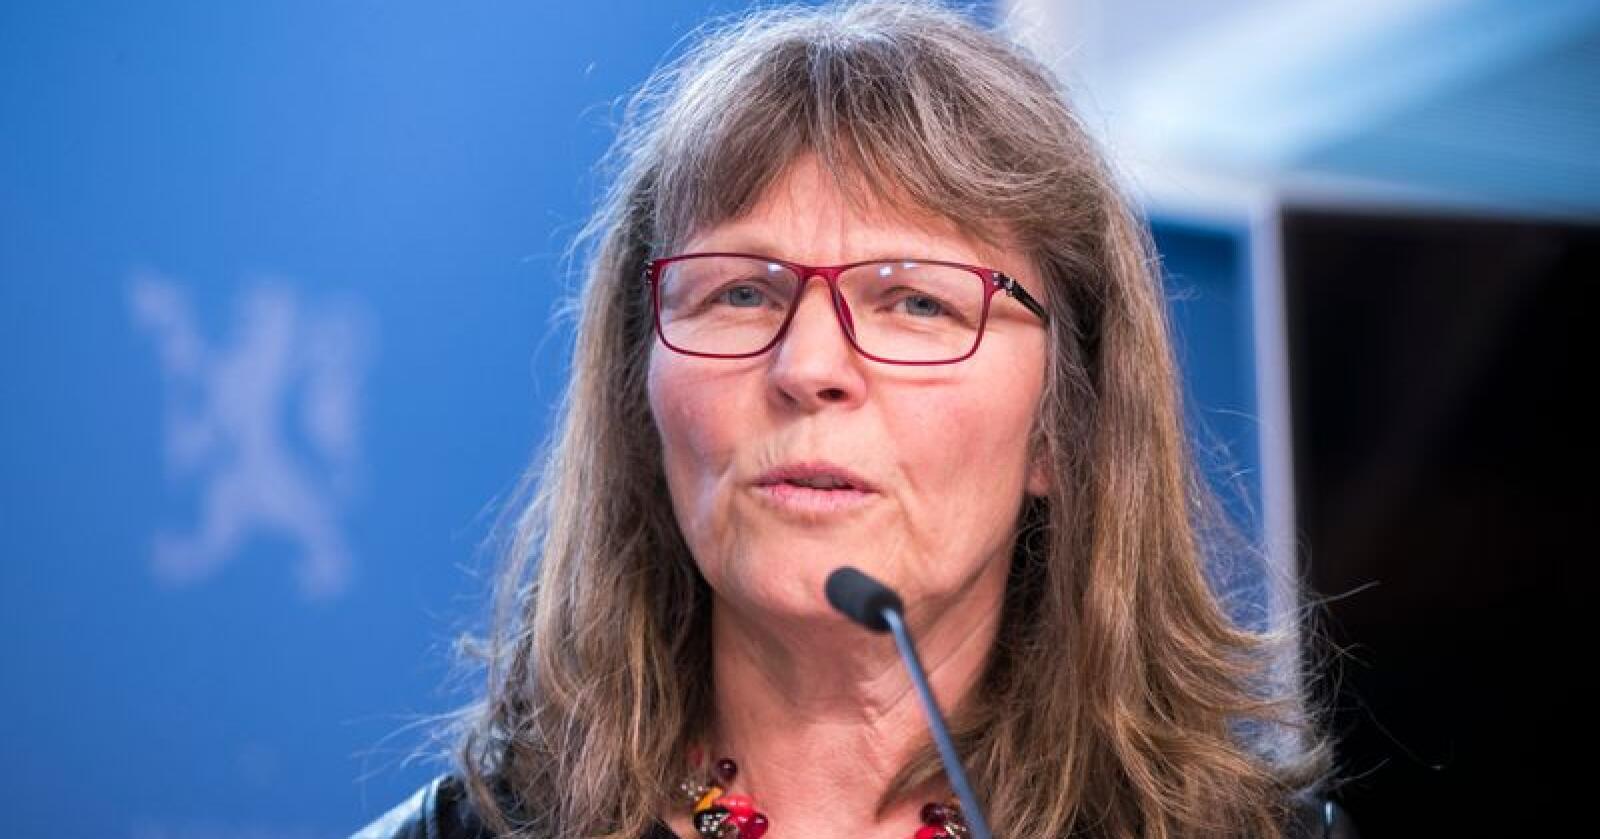 Kjersti Hoff fortsetter som leder i Norsk Bonde- og Småbrukarlag. Foto: Terje Pedersen / NTB scanpix